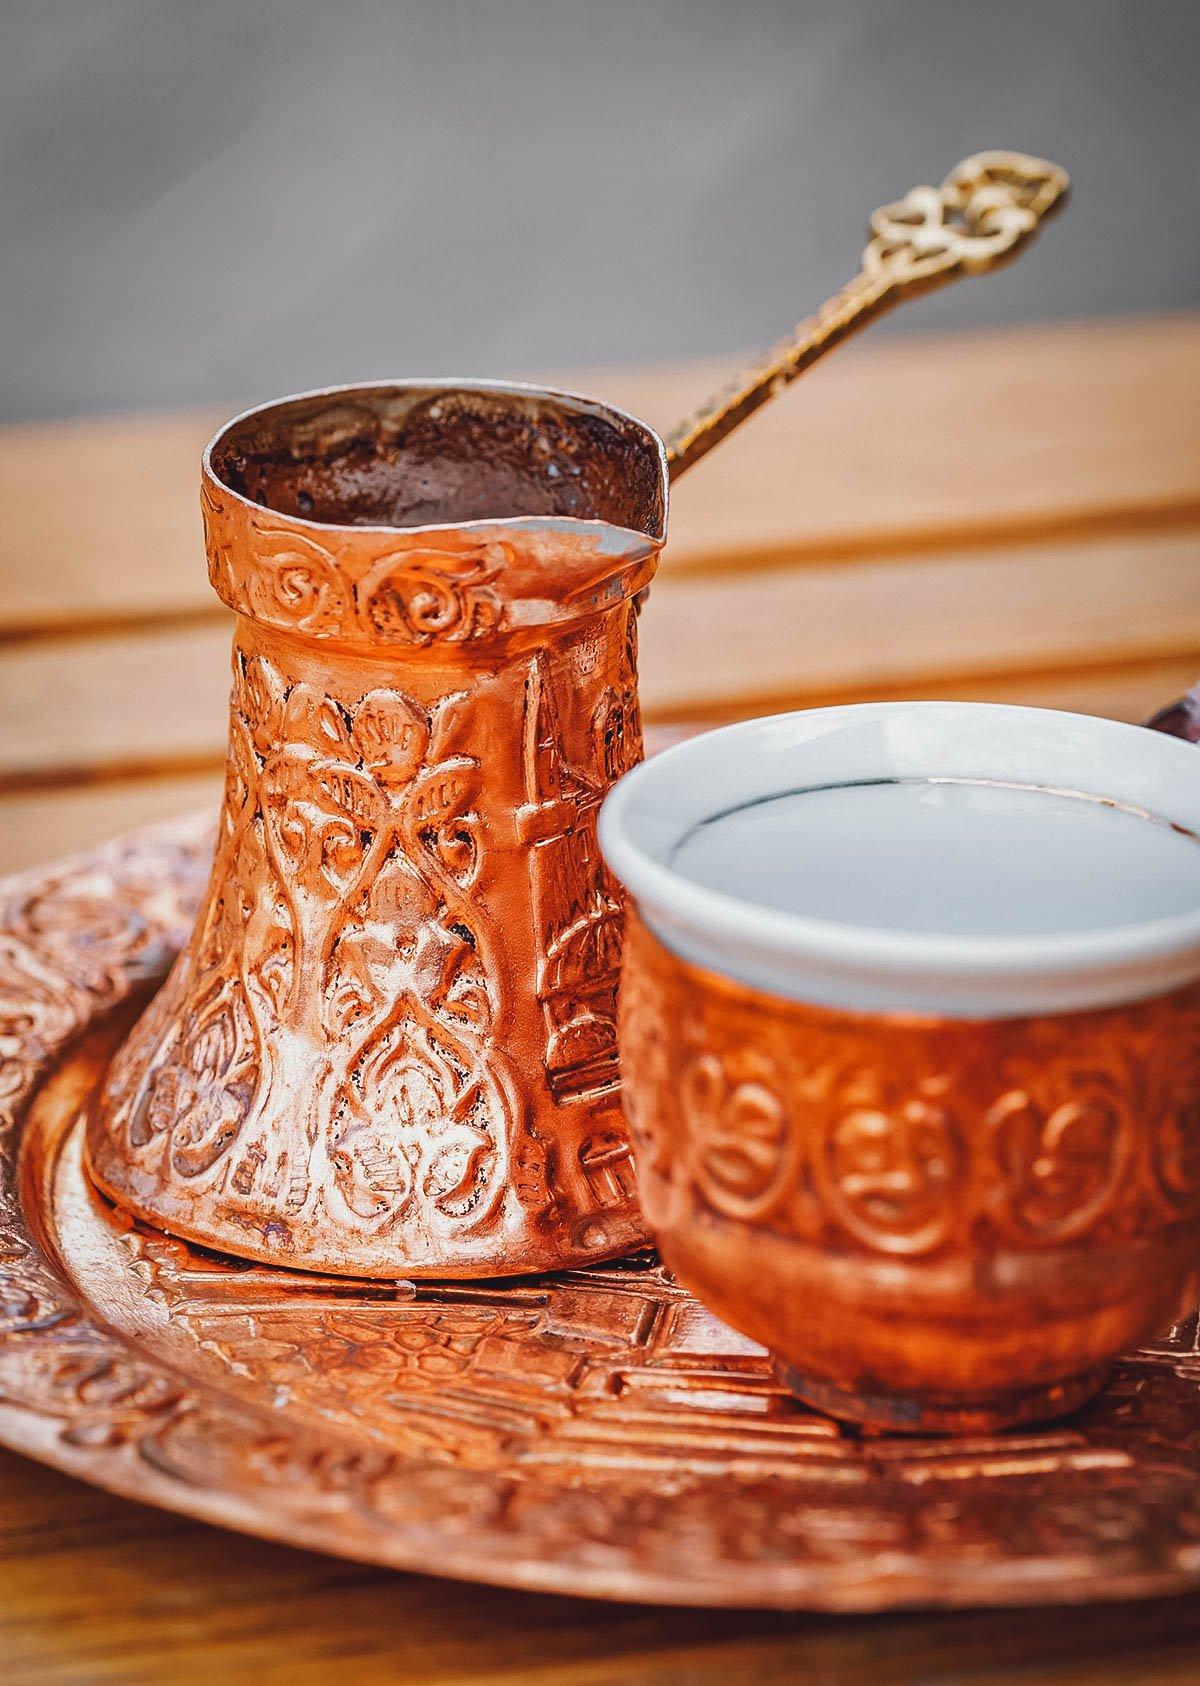 Bosanska kafa in decorative copper containers